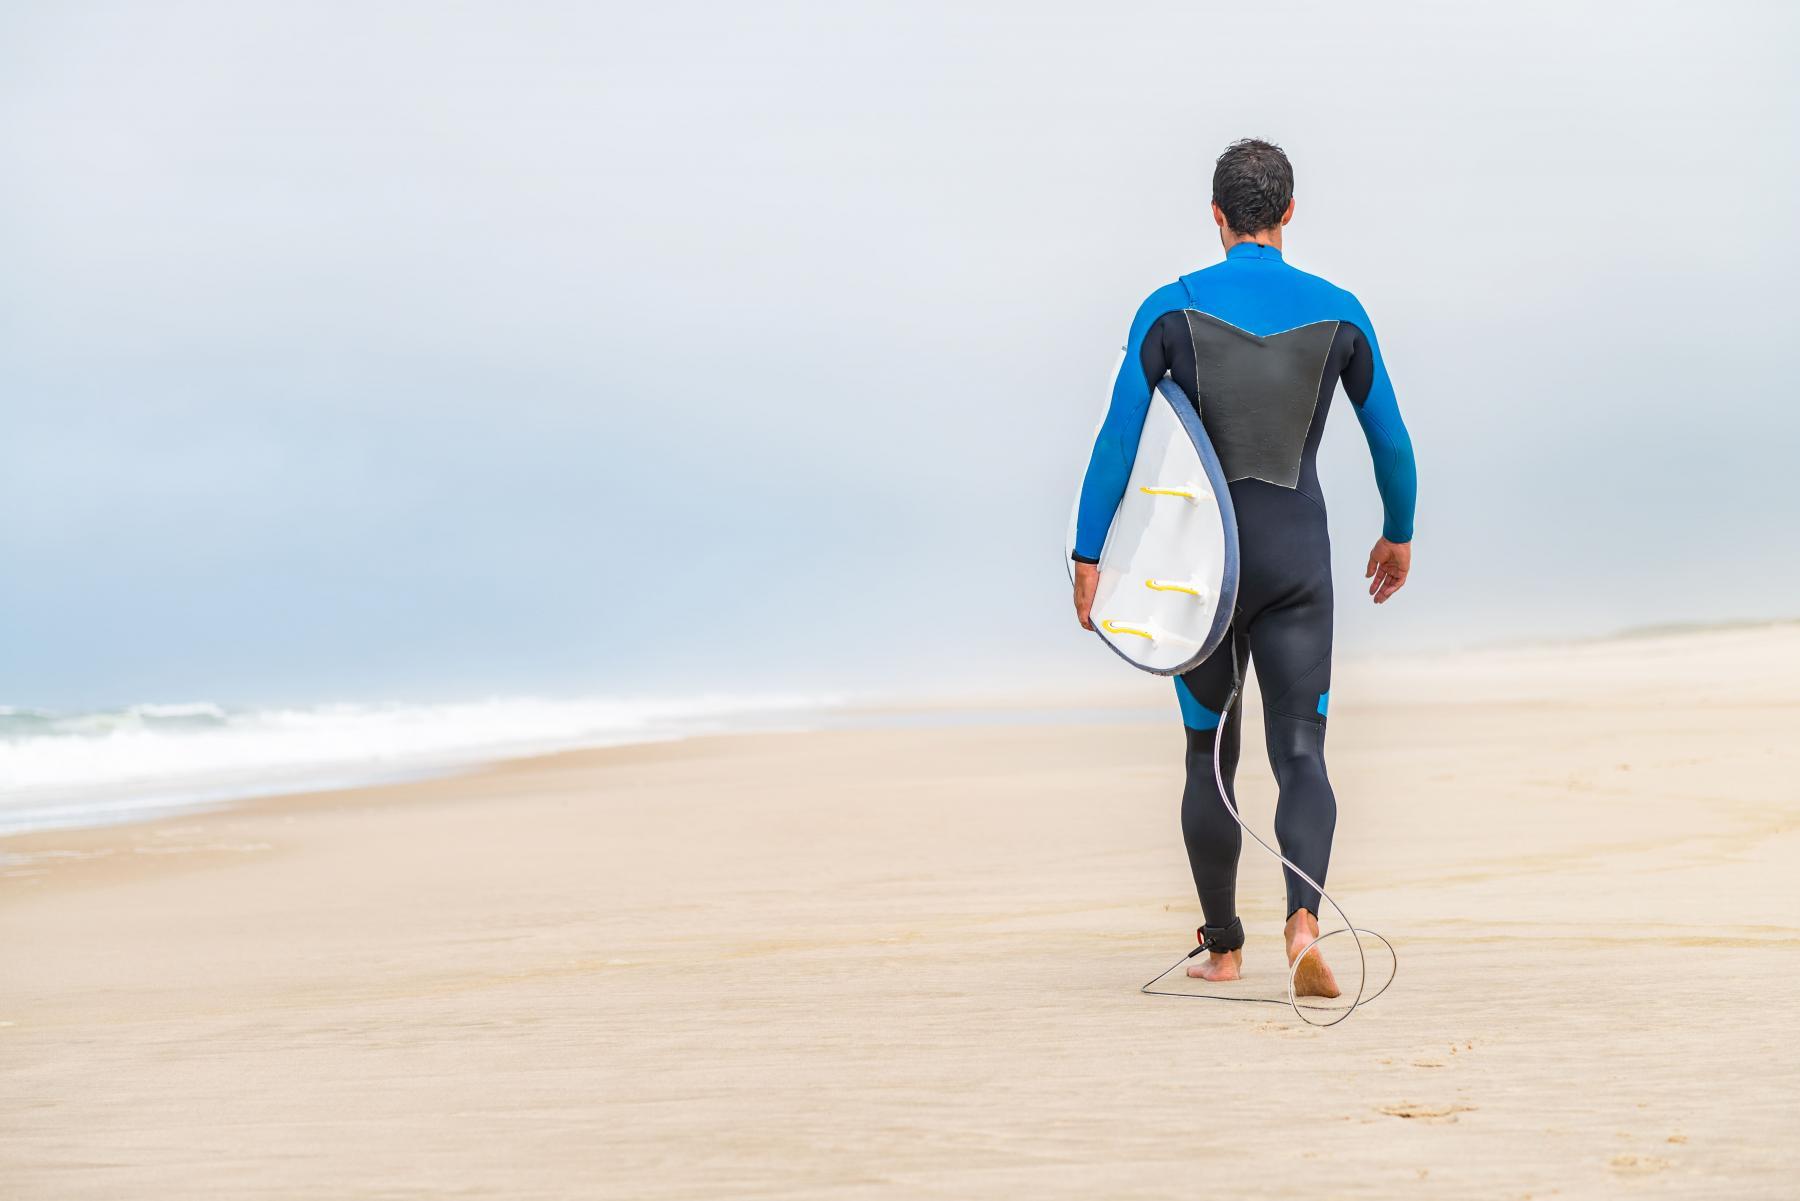 Man in a zipperless wetsuit